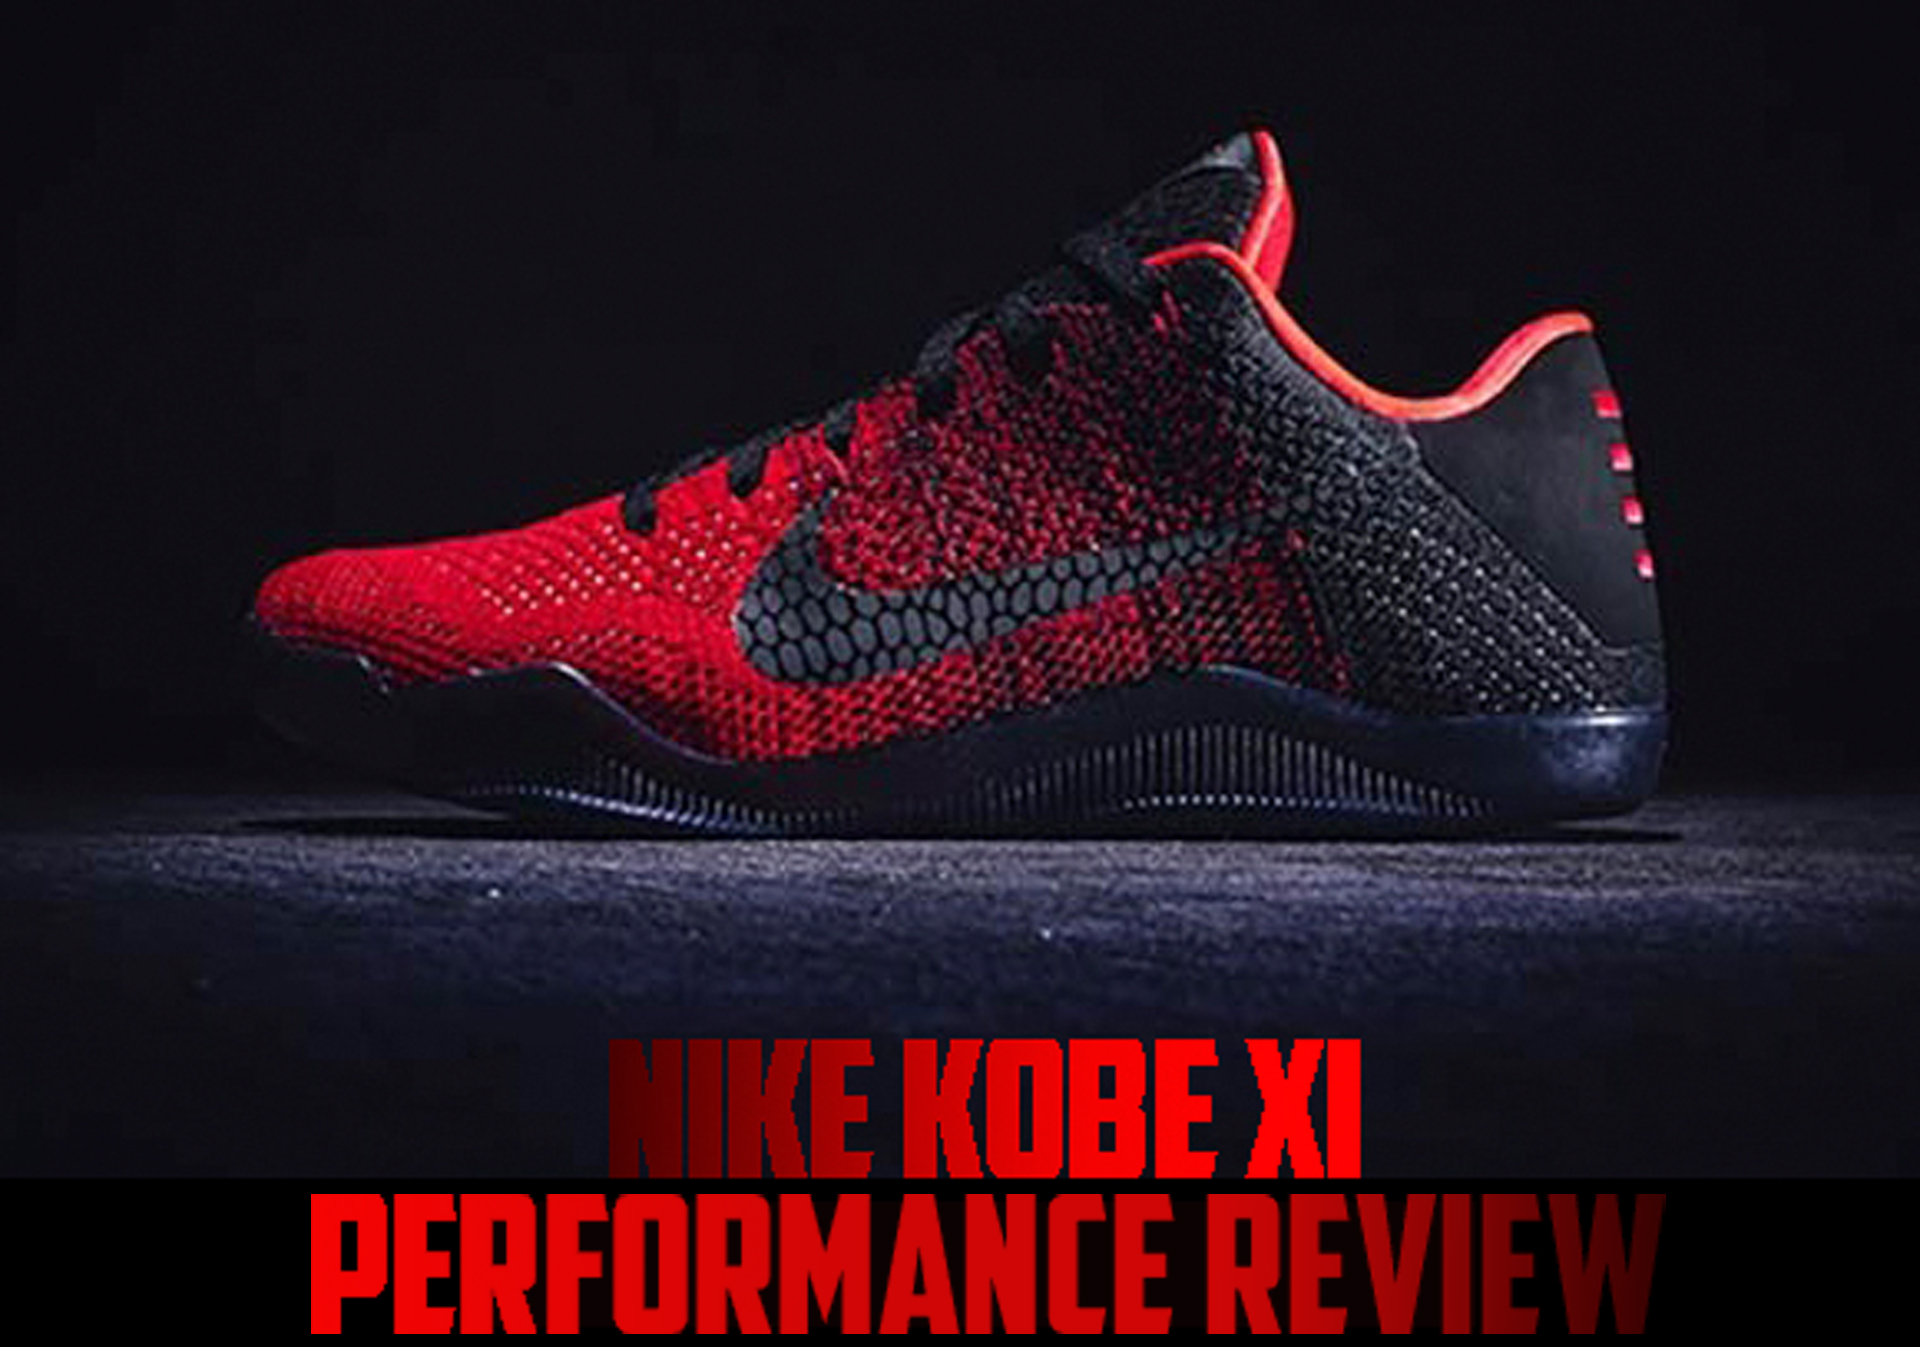 Nike Kobe 11 836183 001